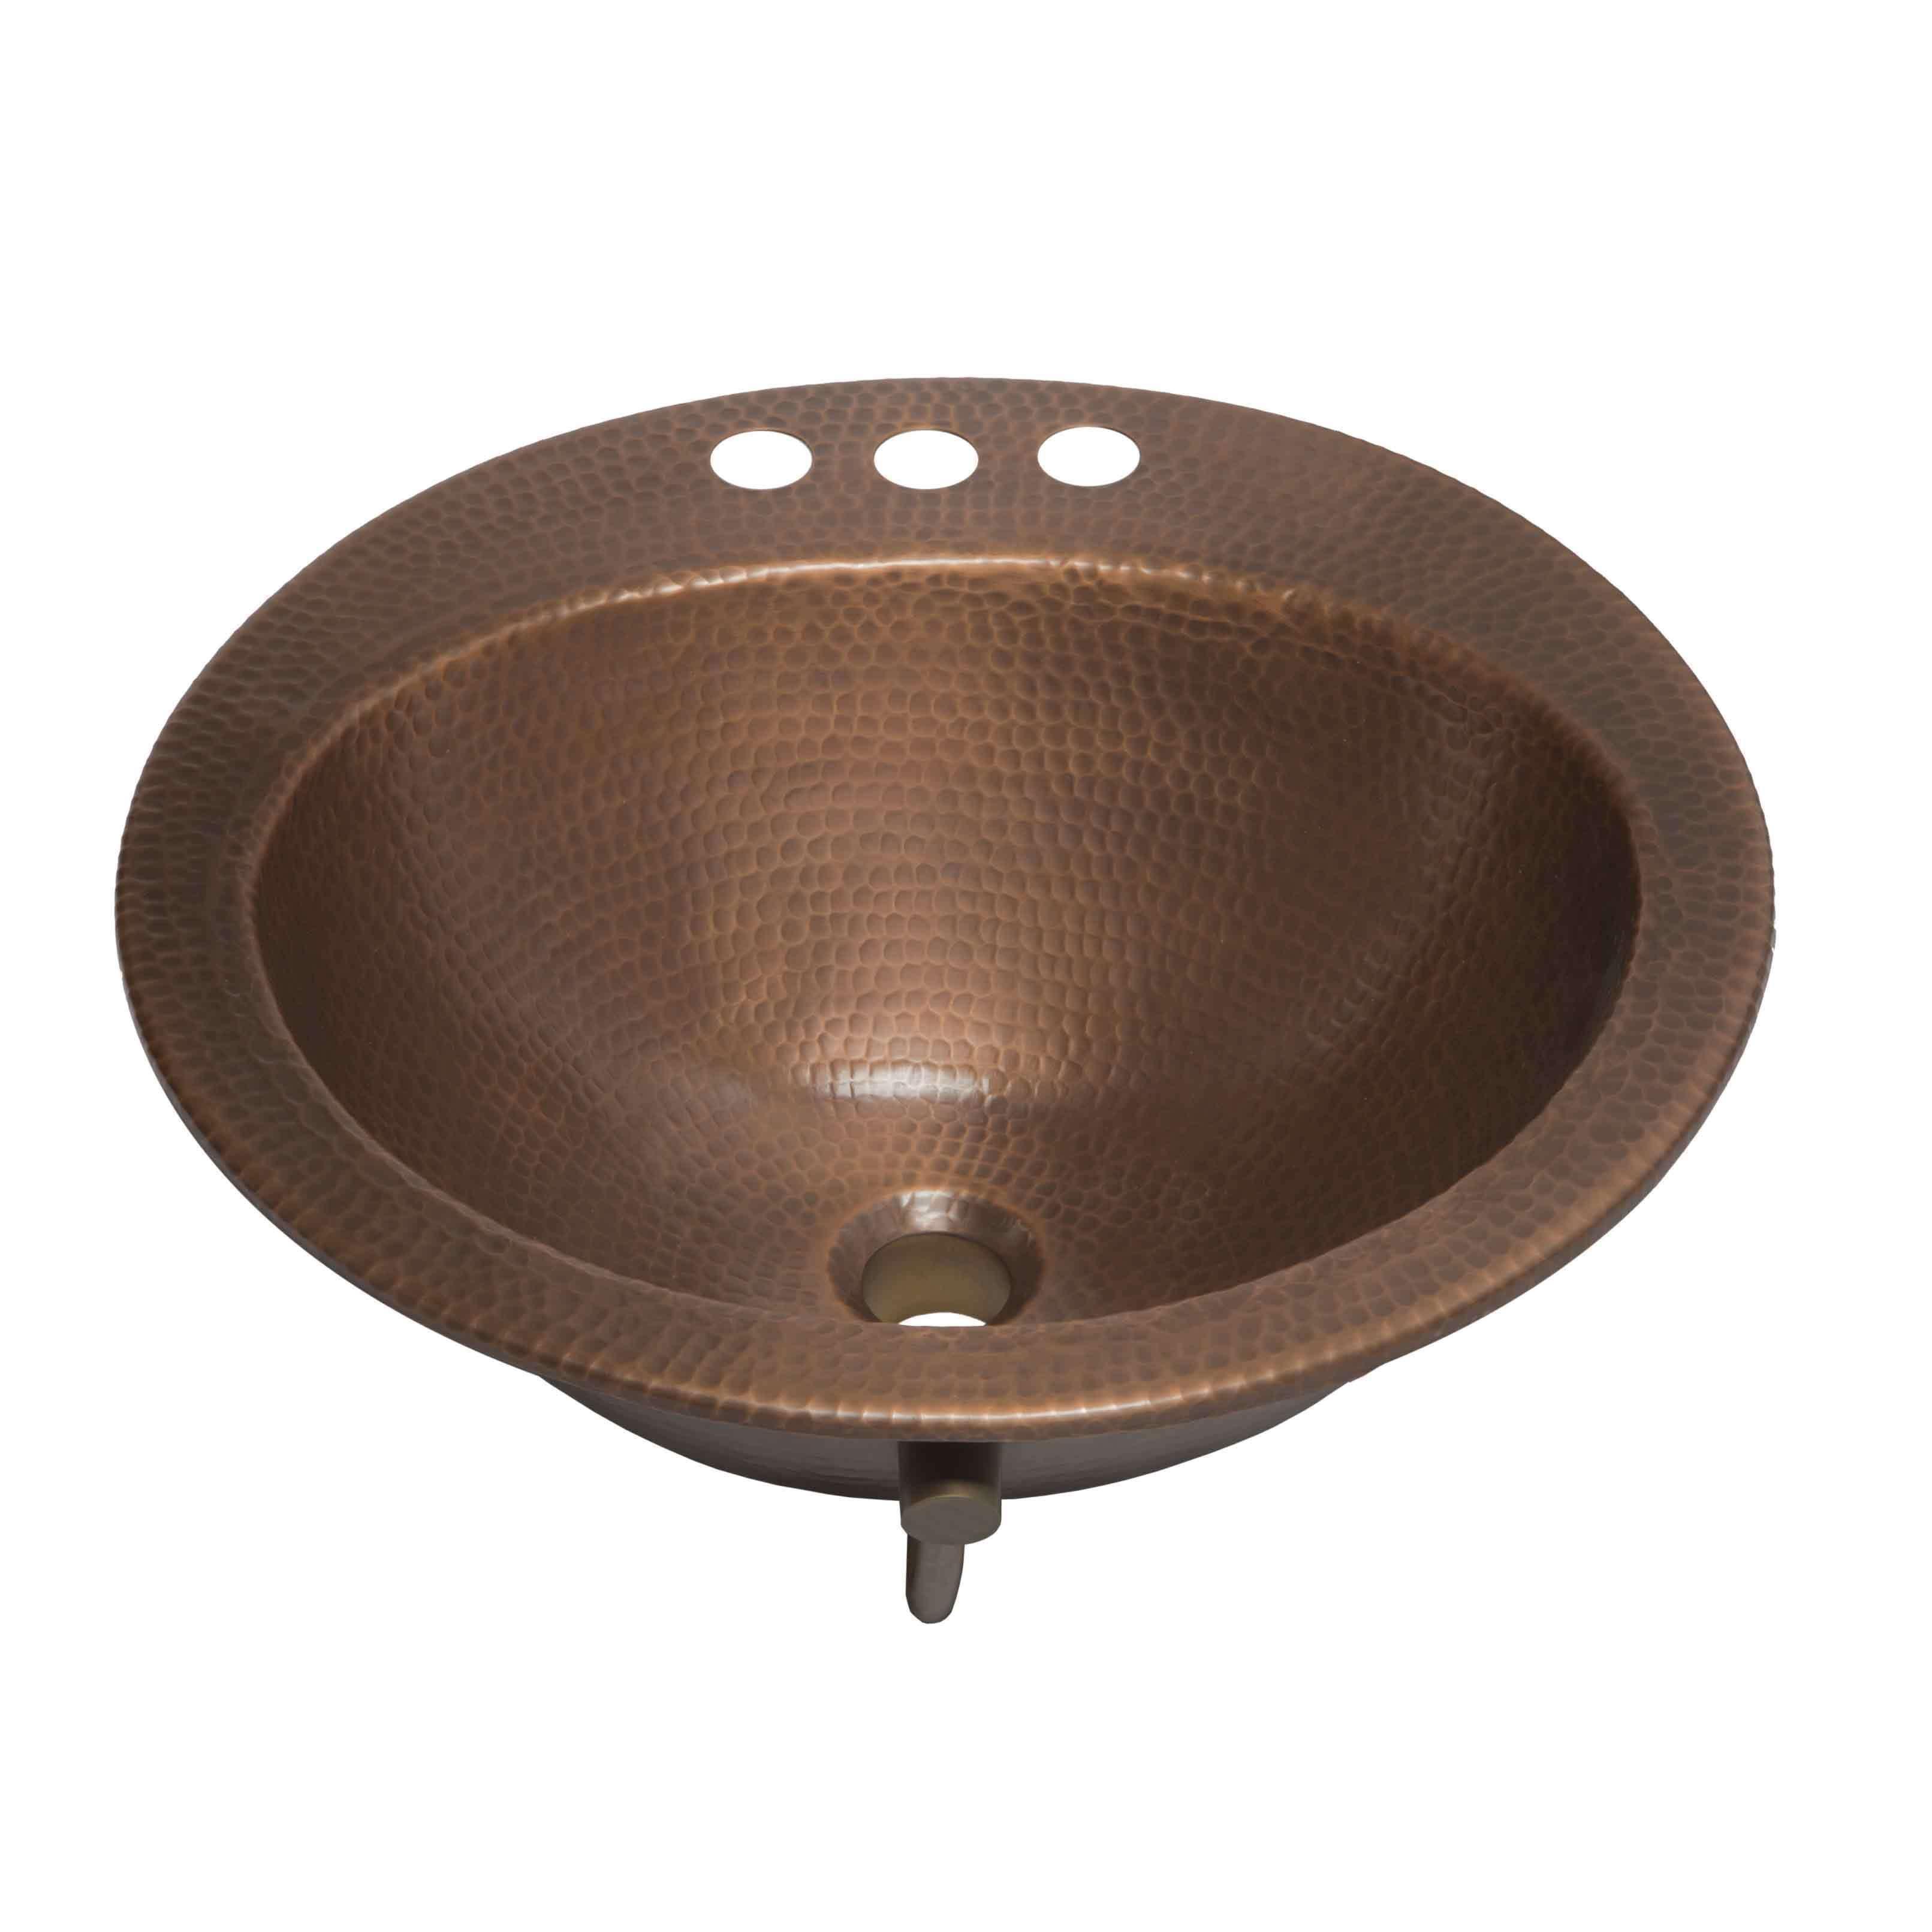 Sinkology Bell 19 Drop In Copper Bath Sink Sinkology Round Drop